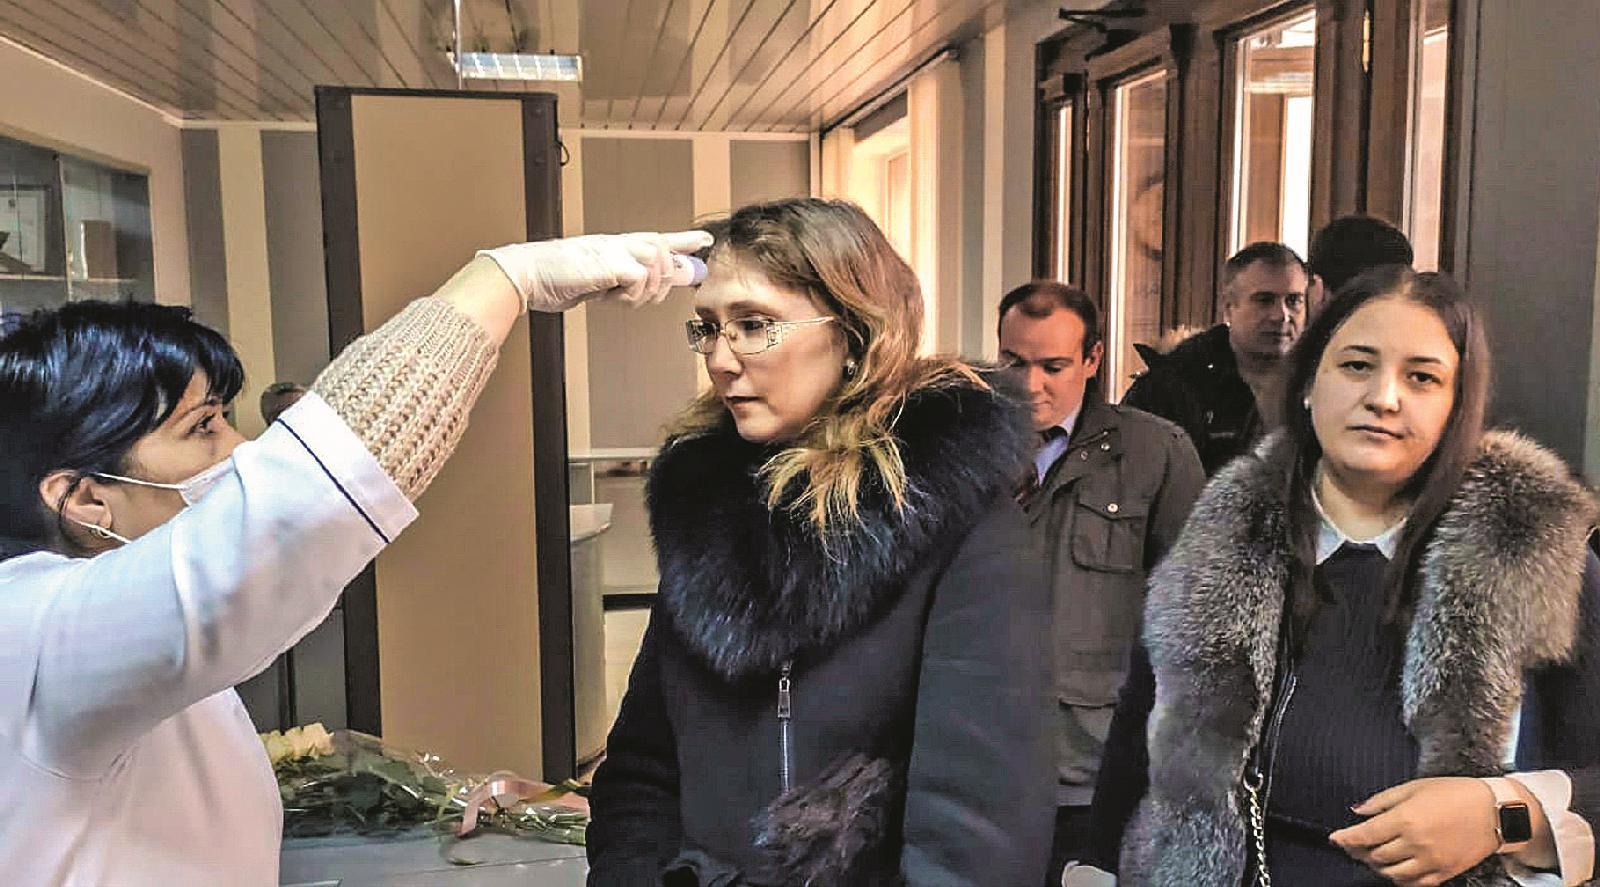 Журналист Юлия Дорошенко проходит бесконтактный осмотр перед заседанием городской Думы